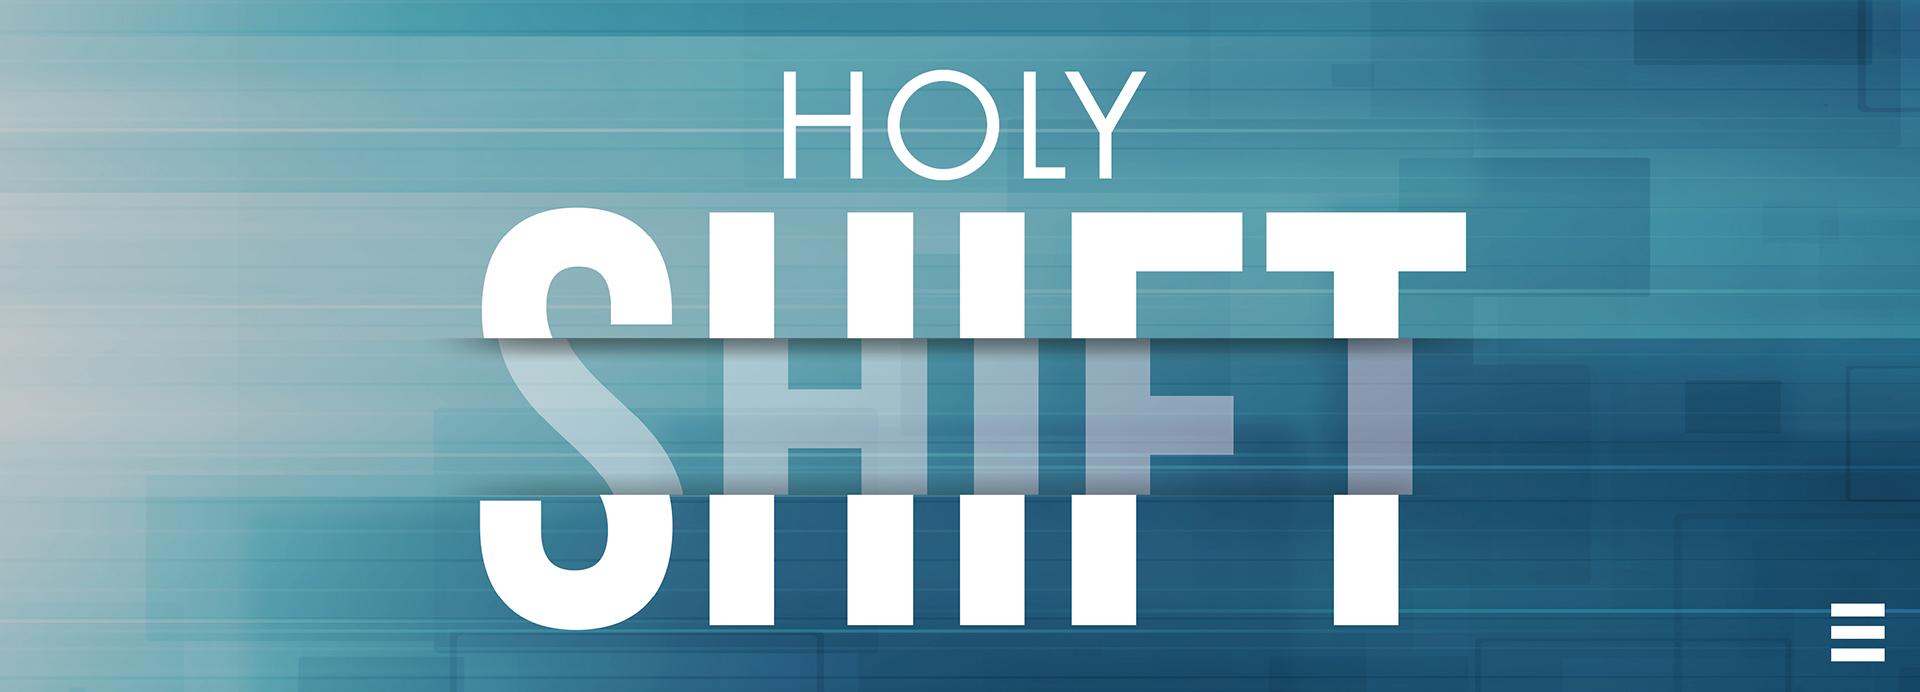 HolyShift_App_Wide.JPG